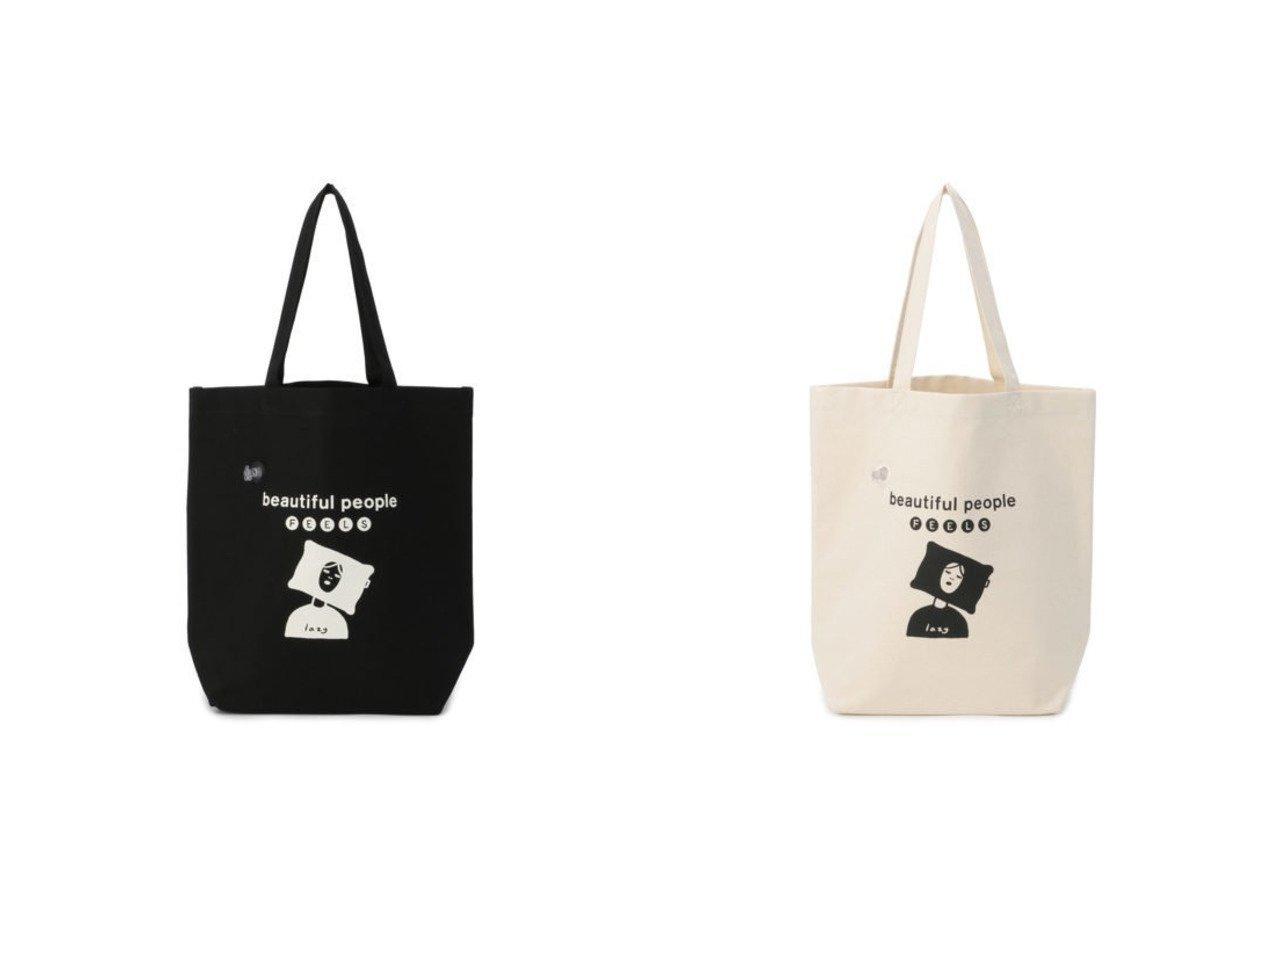 【beautiful people FEELS/ビューティフルピープルフィールズ】のfeels air tote bag 【バッグ・鞄】おすすめ!人気、トレンド・レディースファッションの通販 おすすめで人気の流行・トレンド、ファッションの通販商品 インテリア・家具・メンズファッション・キッズファッション・レディースファッション・服の通販 founy(ファニー) https://founy.com/ ファッション Fashion レディースファッション WOMEN バッグ Bag イラスト  ID:crp329100000070723